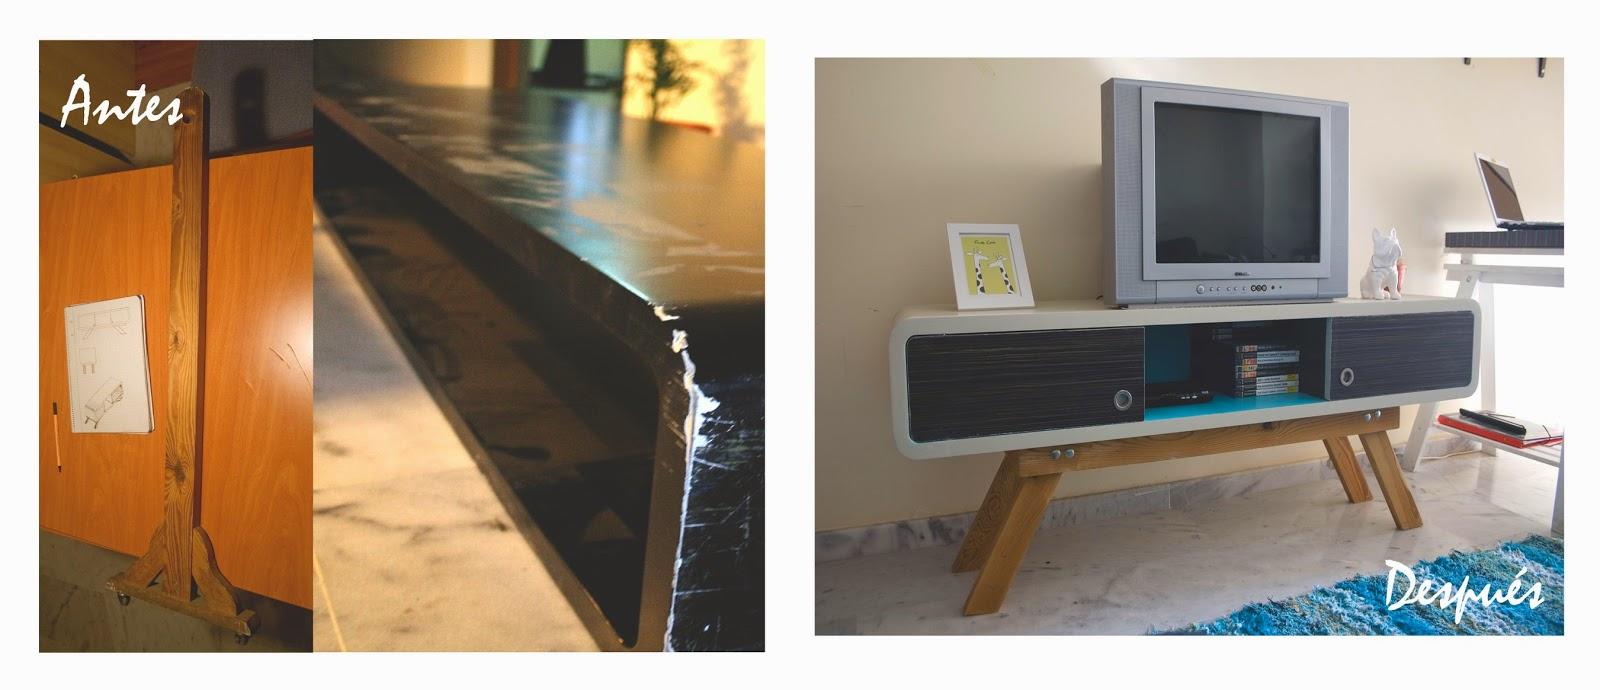 Reciclar Muebles Antes Y Despues Good Restaura Tus Muebles With  # Muebles Reformados Antes Y Despues